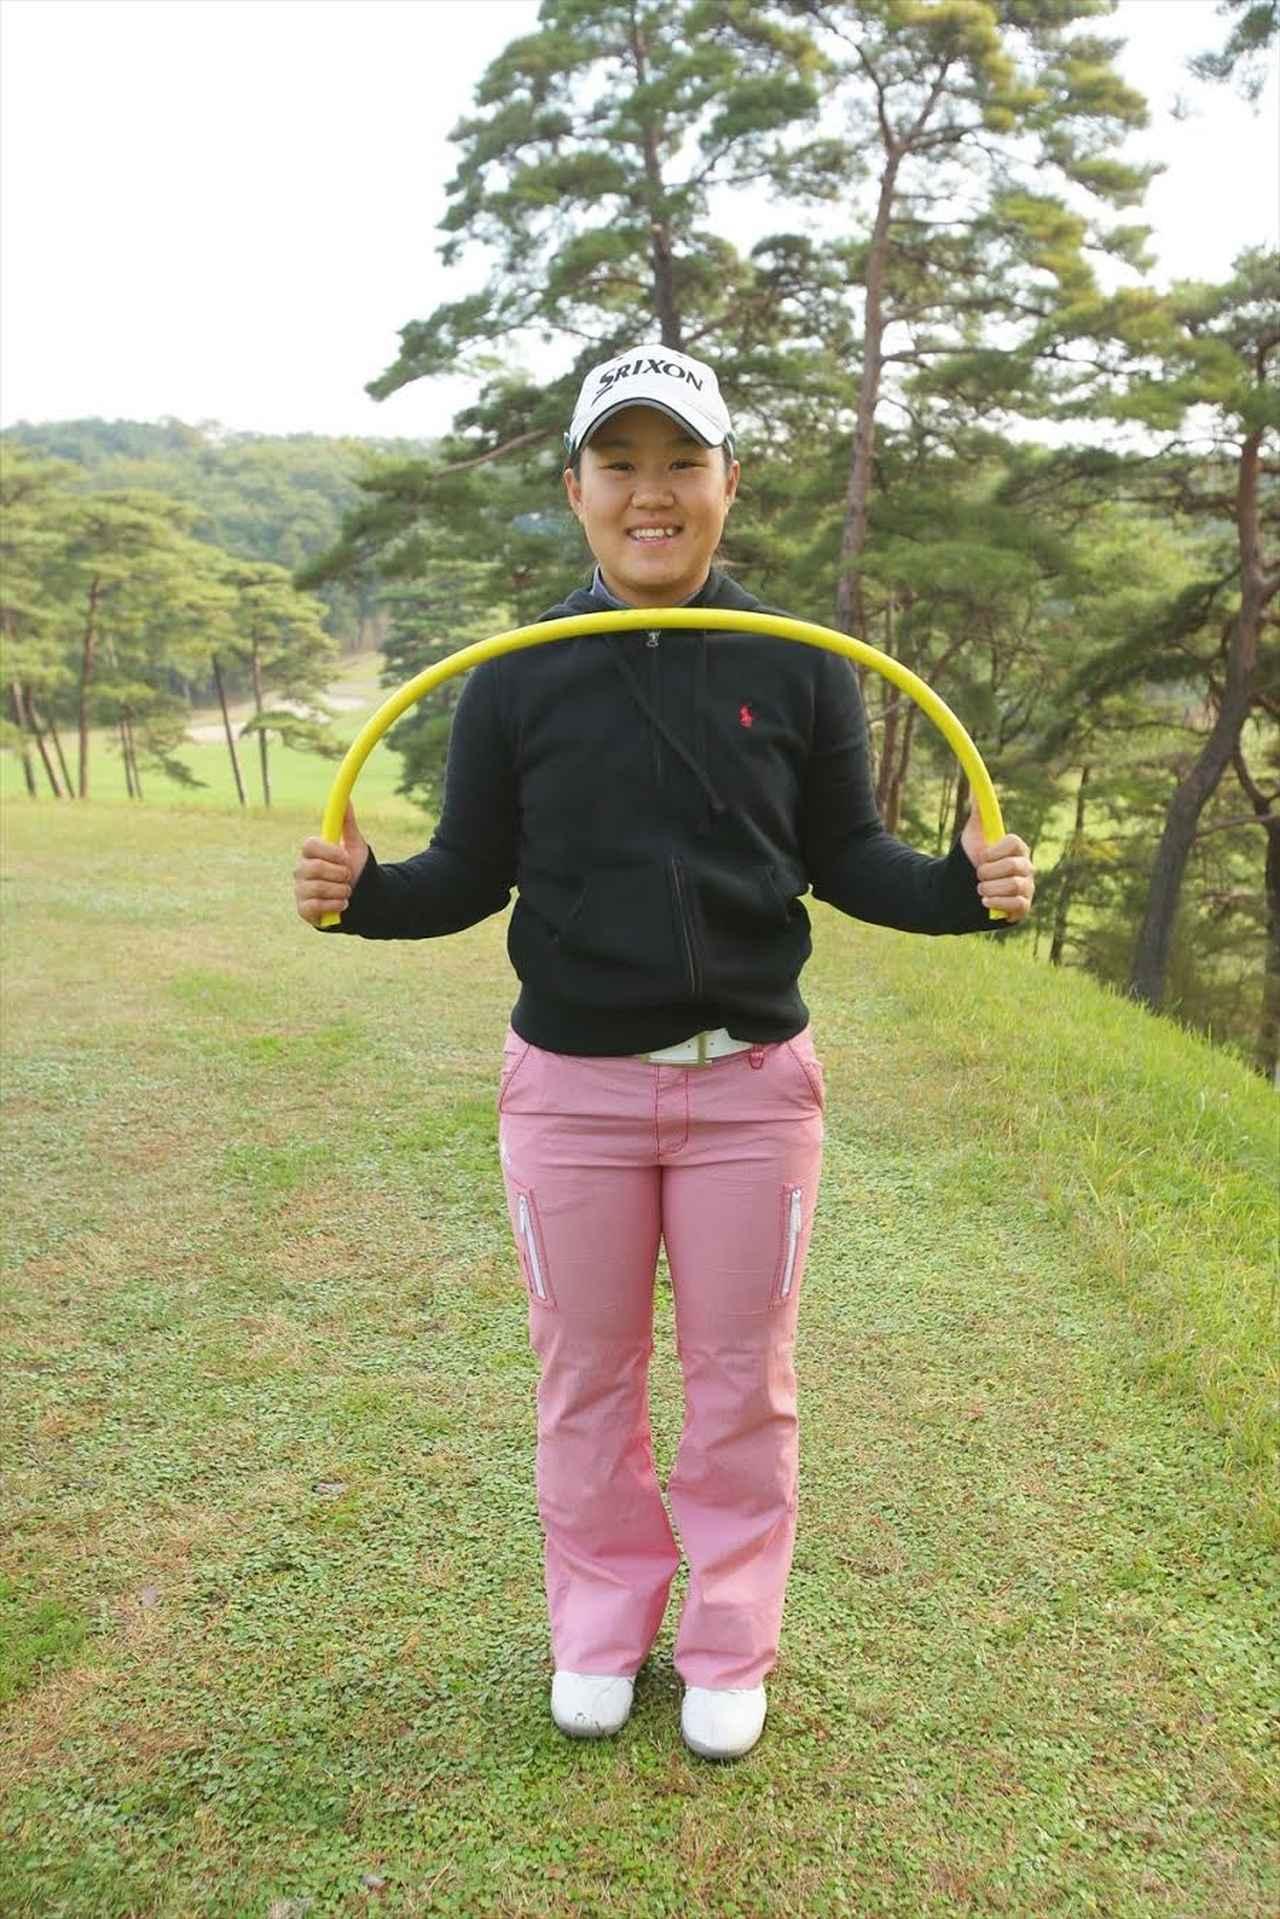 画像: ホースを振って日本女子OP制覇⁉︎  畑岡奈紗さんを強くした「ゆっくり素振り」 - みんなのゴルフダイジェスト